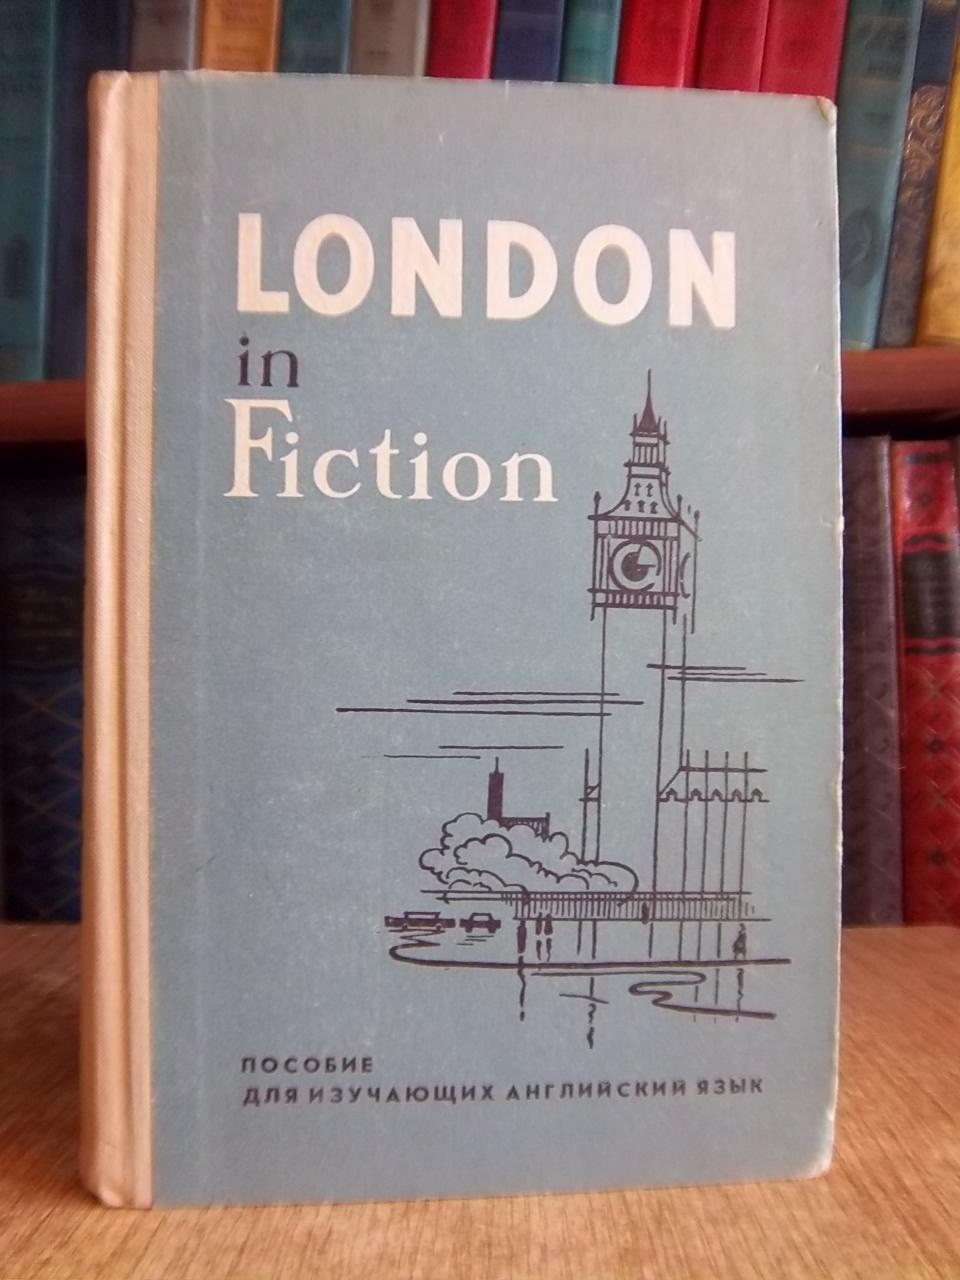 London in Fiction/ История Лондона в художественной литературе Пособие для изучающих английский язык